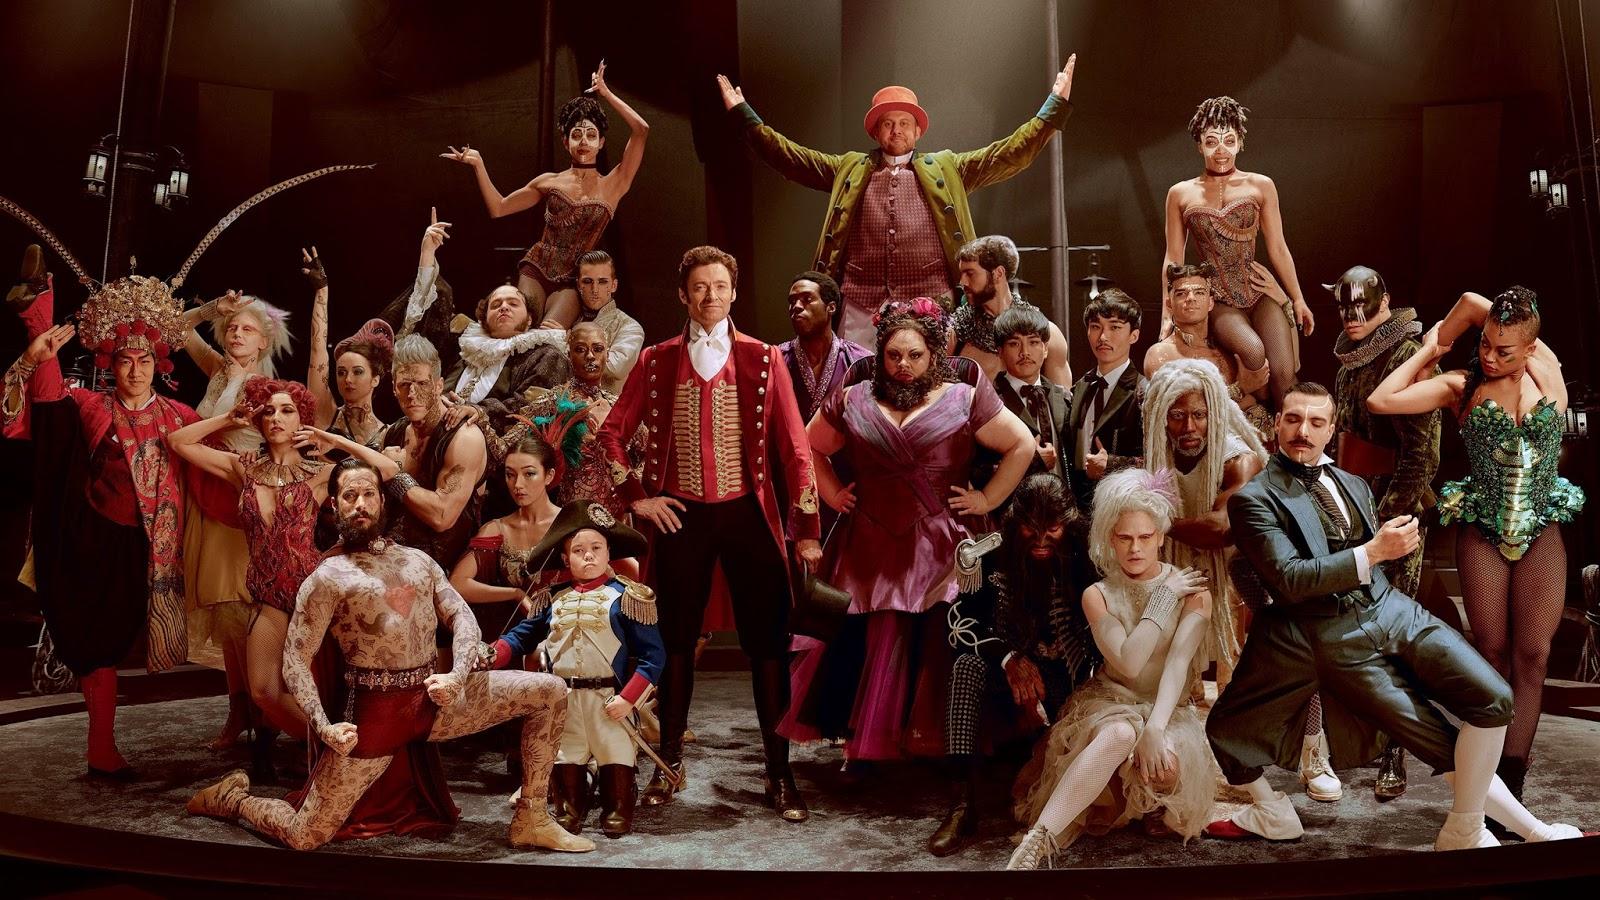 """فيلم """"The Greatest Showman"""" يحقق إيرادات بقيمة 28 مليون دولار خلال أسبوع"""